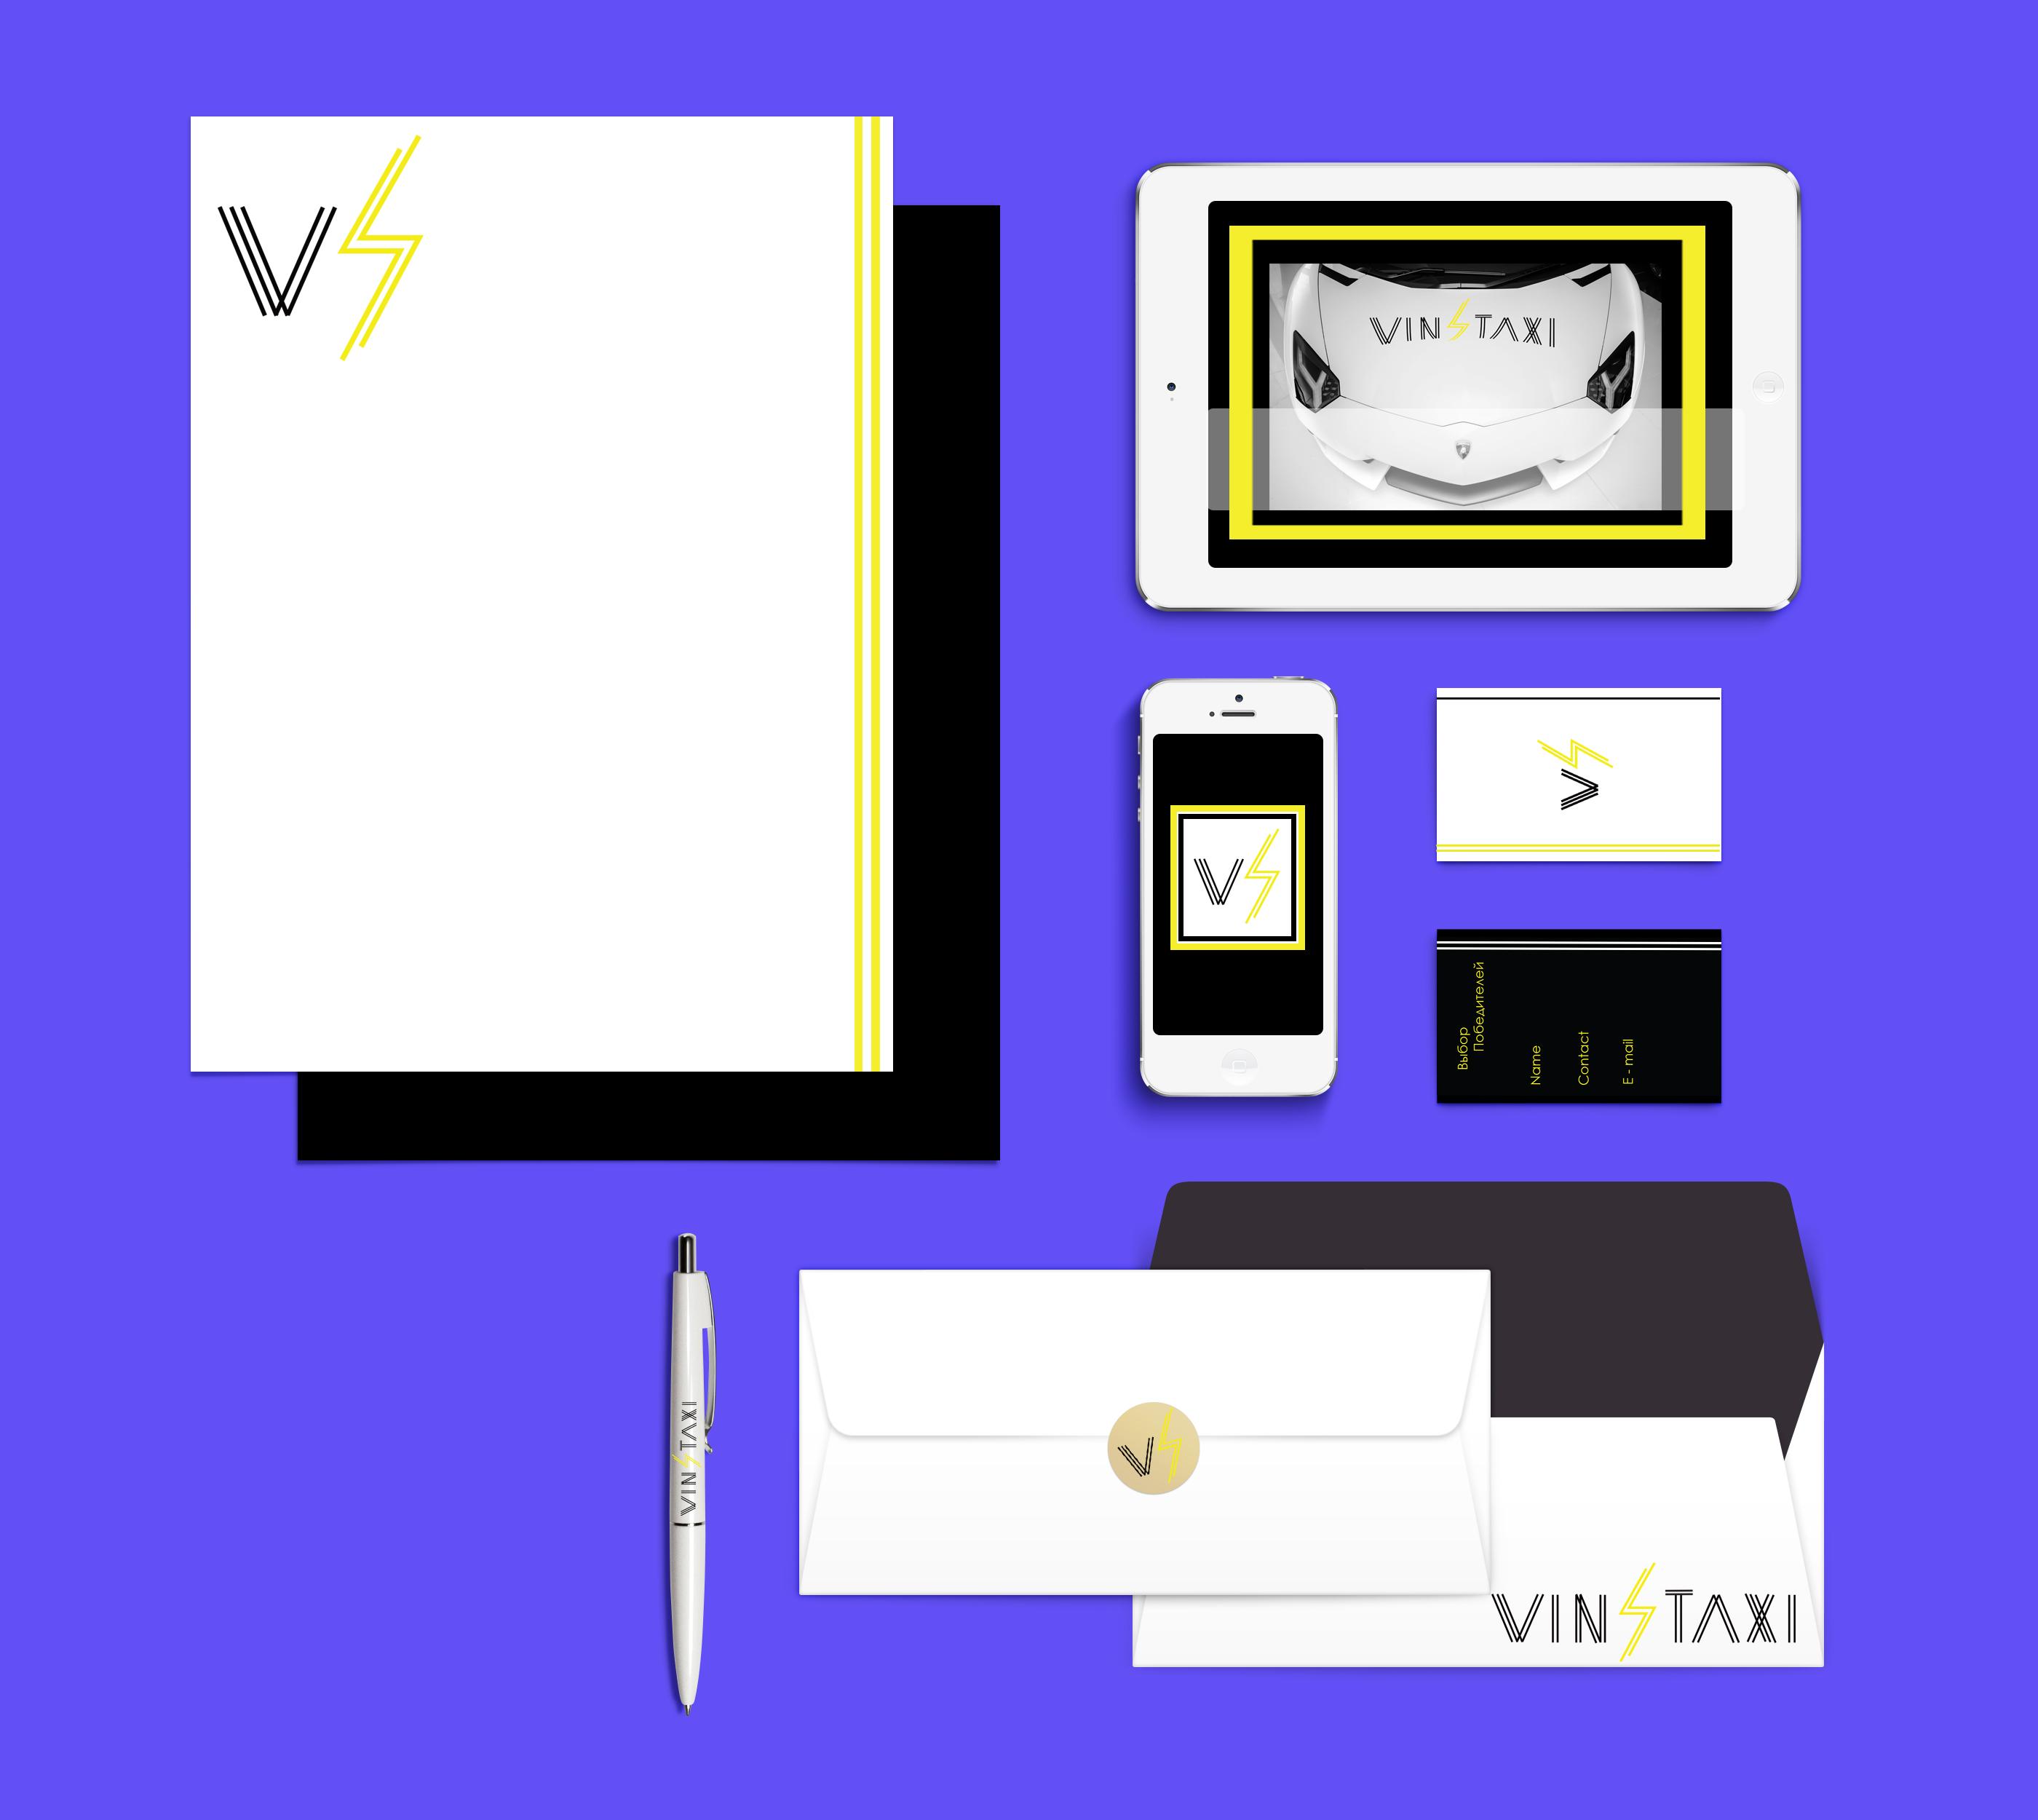 Разработка логотипа и фирменного стиля для такси фото f_7035b9ea3bb36fce.jpg